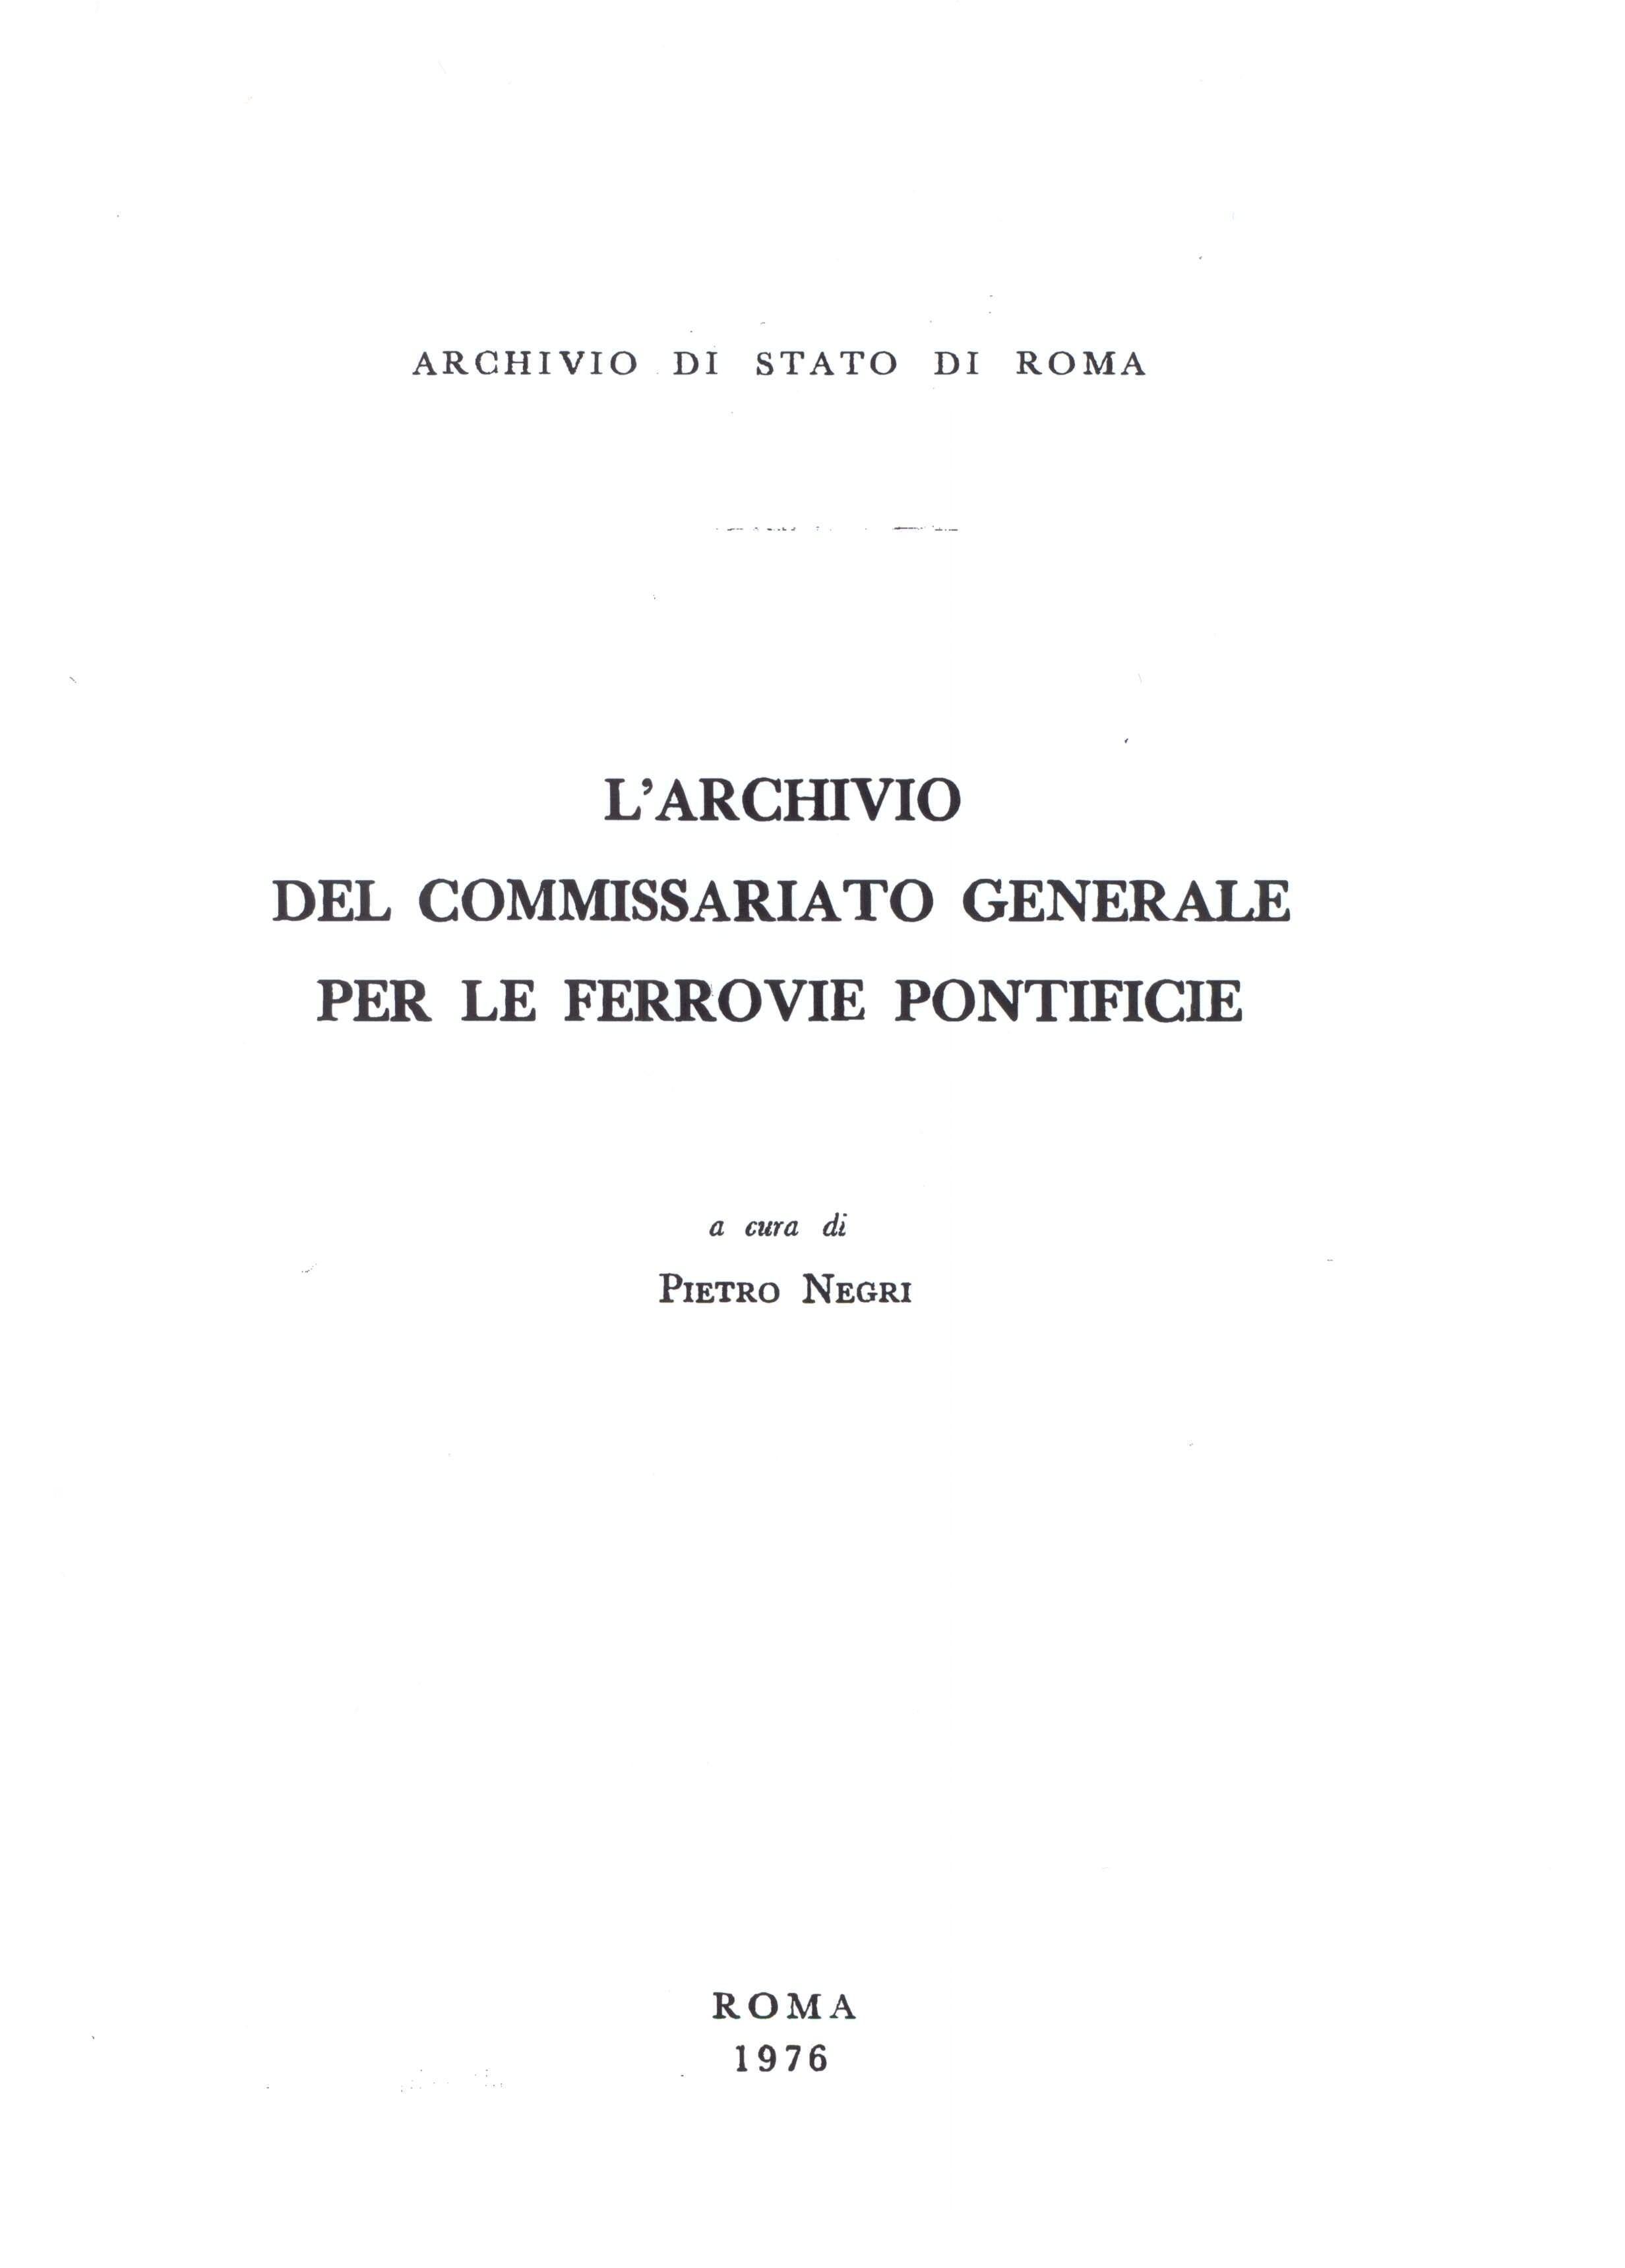 44. Archivio di Stato di Roma, L'archivio del Commissariato generale per le ferrovie pontificie, a cura di Pietro Negri, Roma, 1976